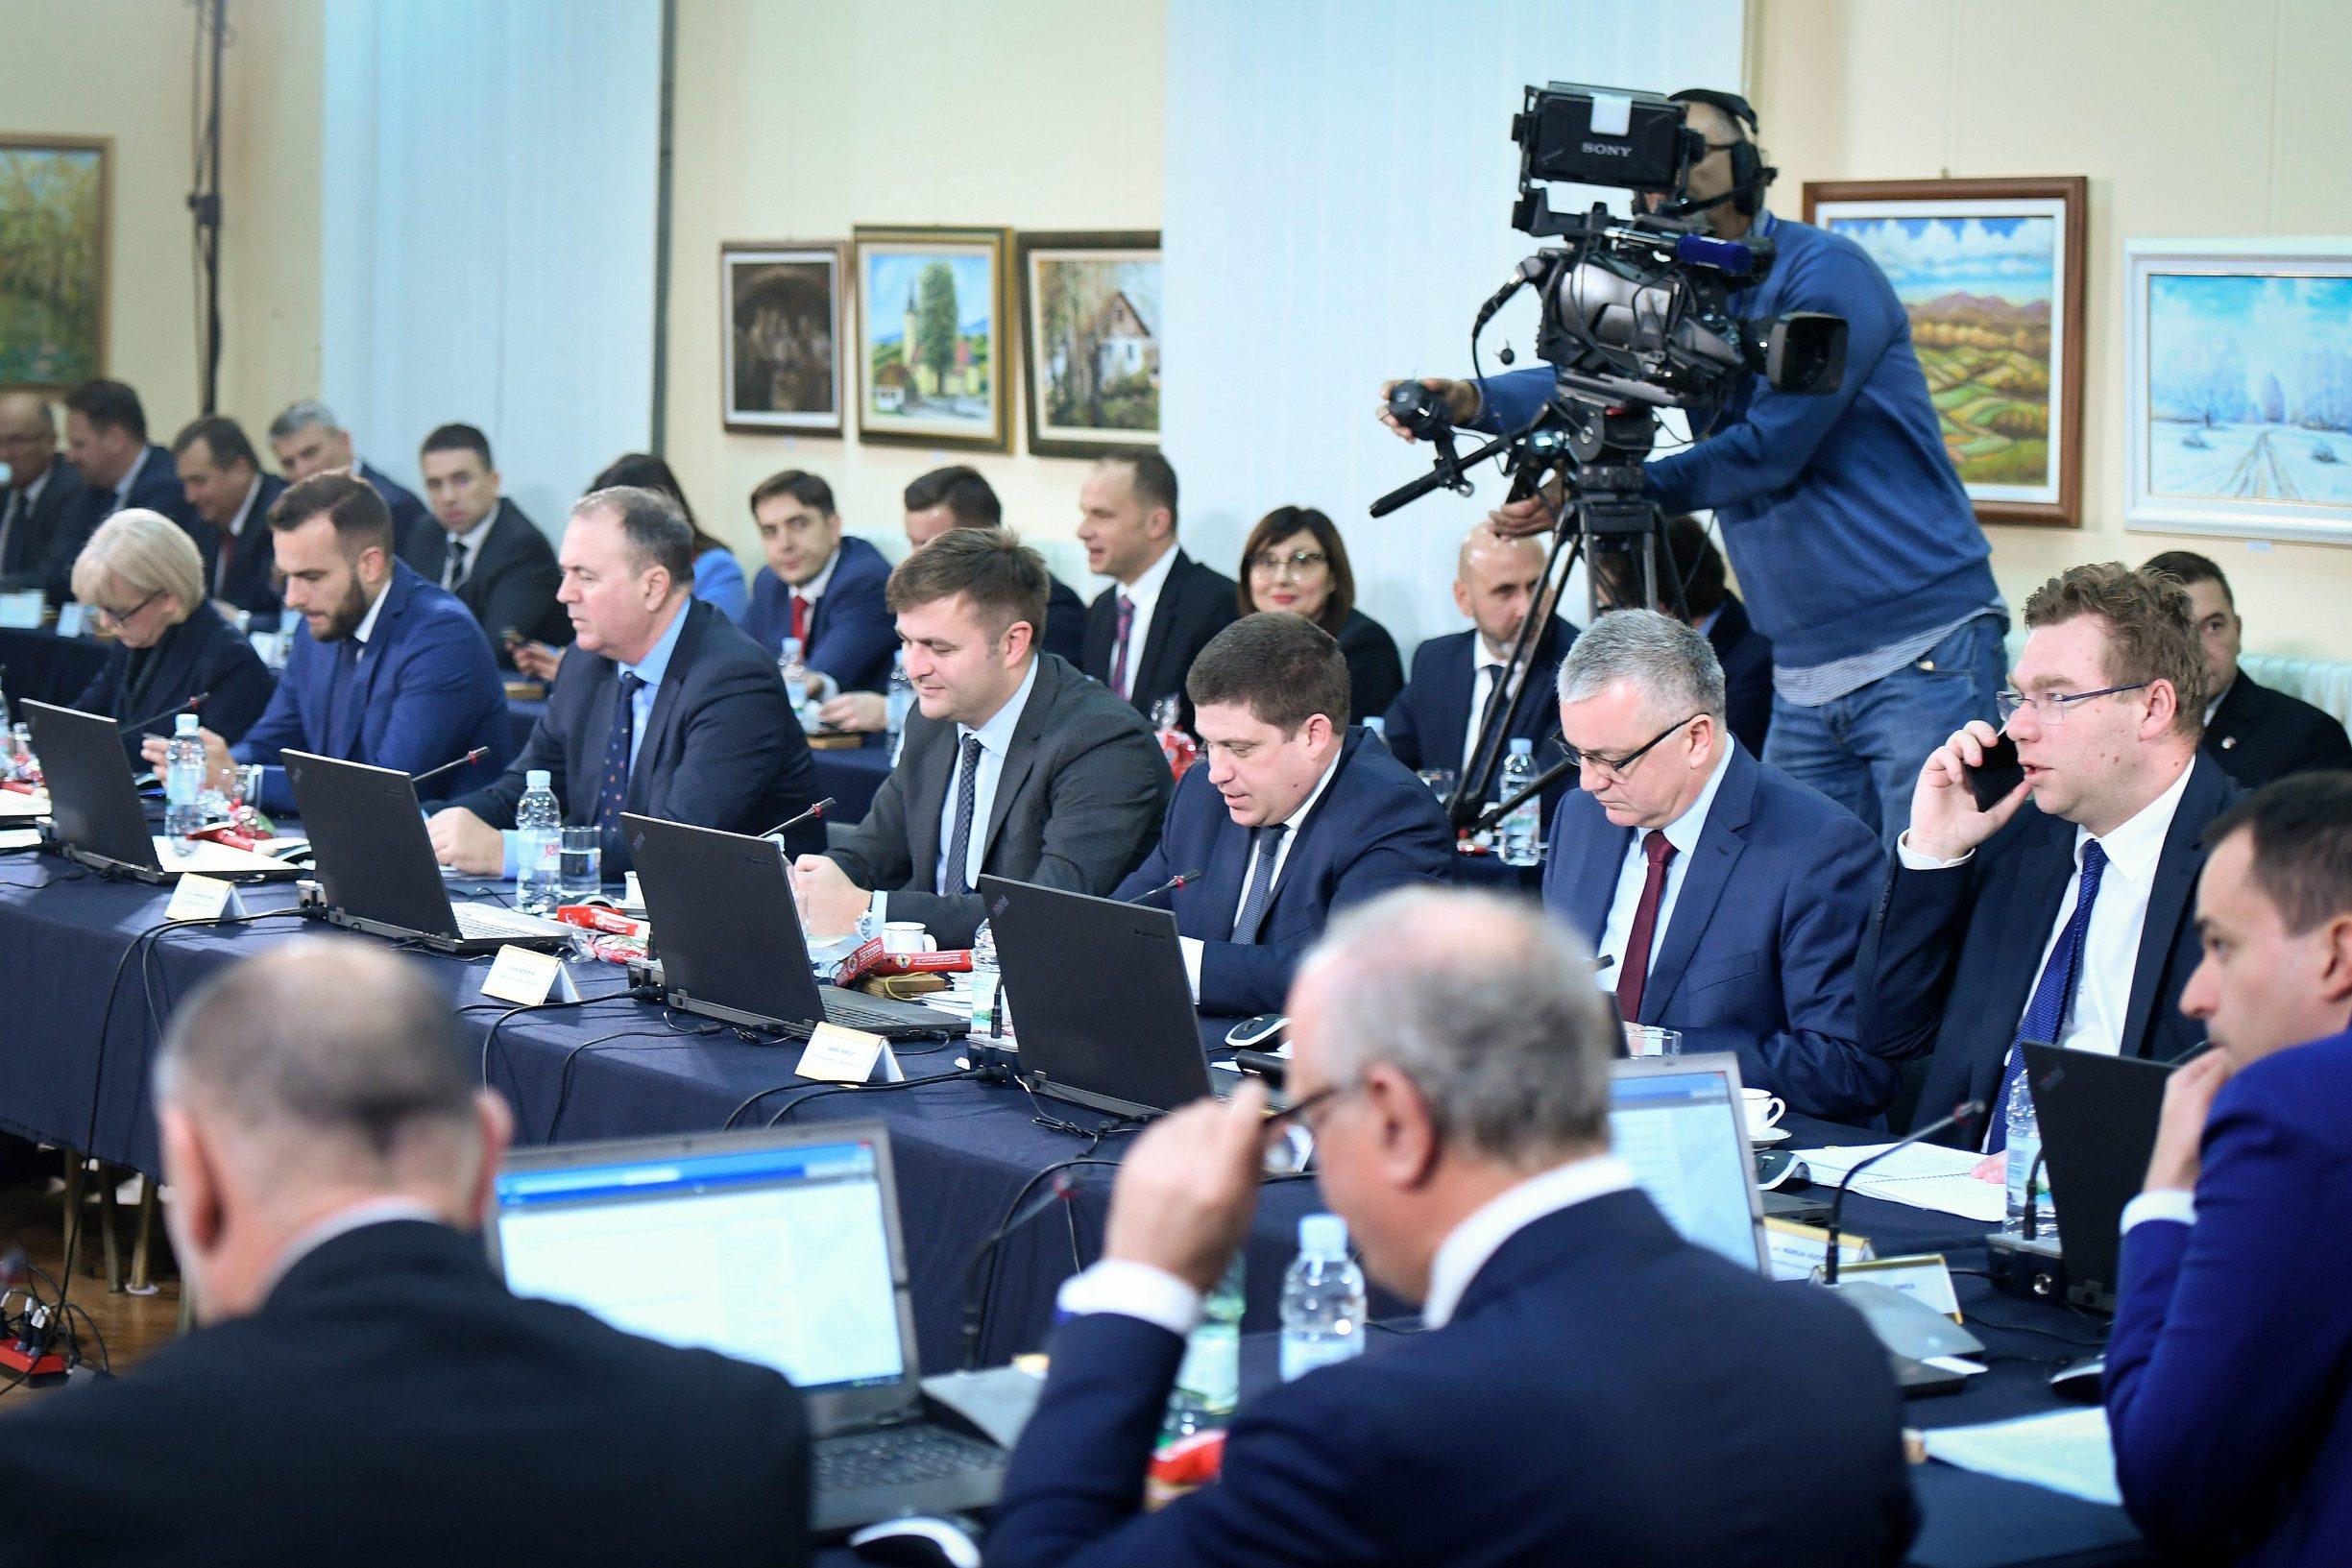 Krapina, 061219.  Otvoreno uciliste. Redovita sjednica Vlade. Na fotografiji: Foto: Goran Mehkek / CROPIX